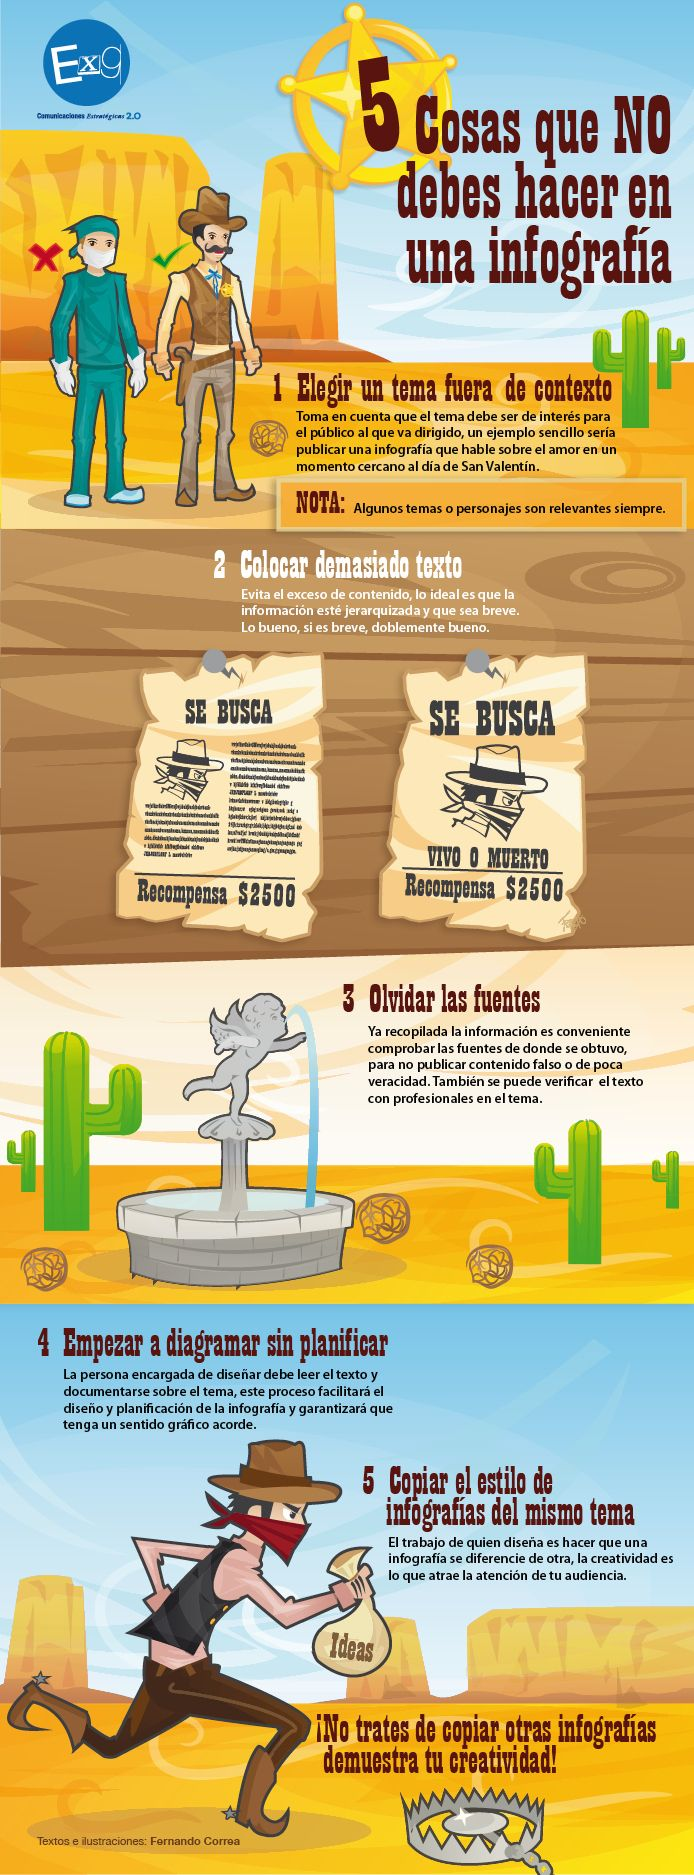 5 cosas que no debes hacer en una infografía #infografia #infographic #design